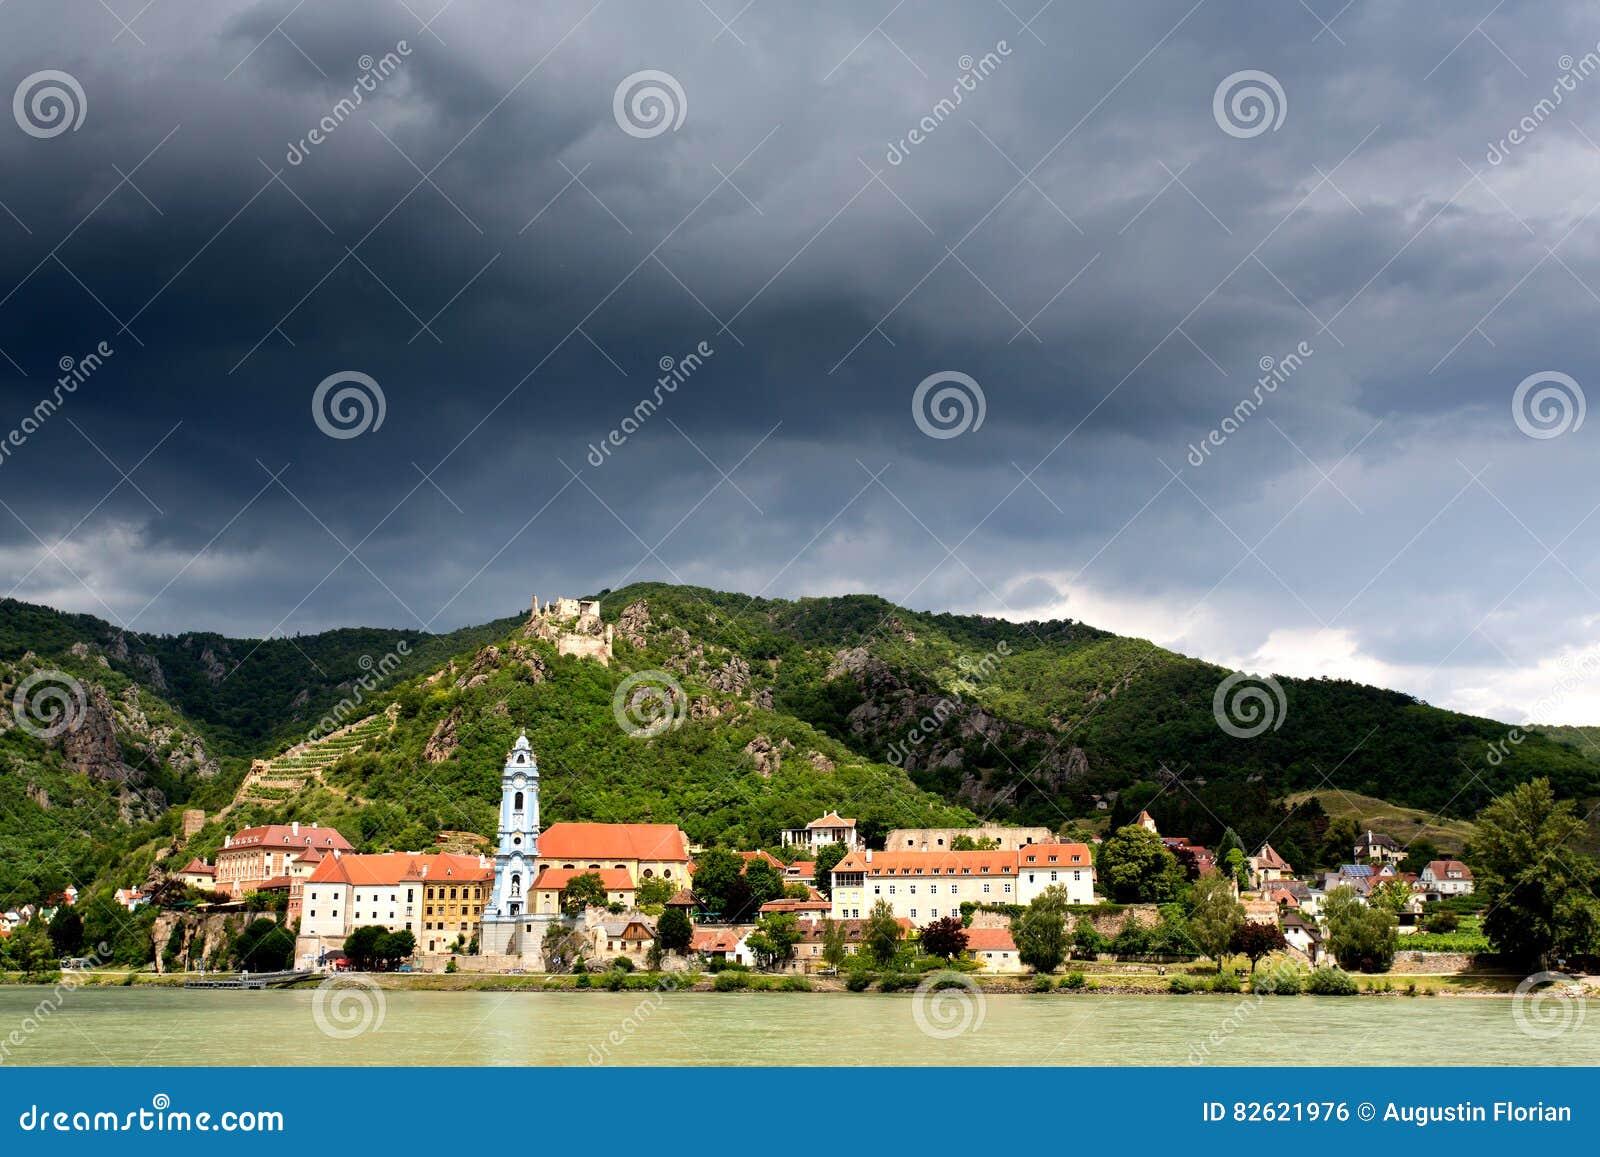 Церковь Durnstein Дунай в долине Wachau